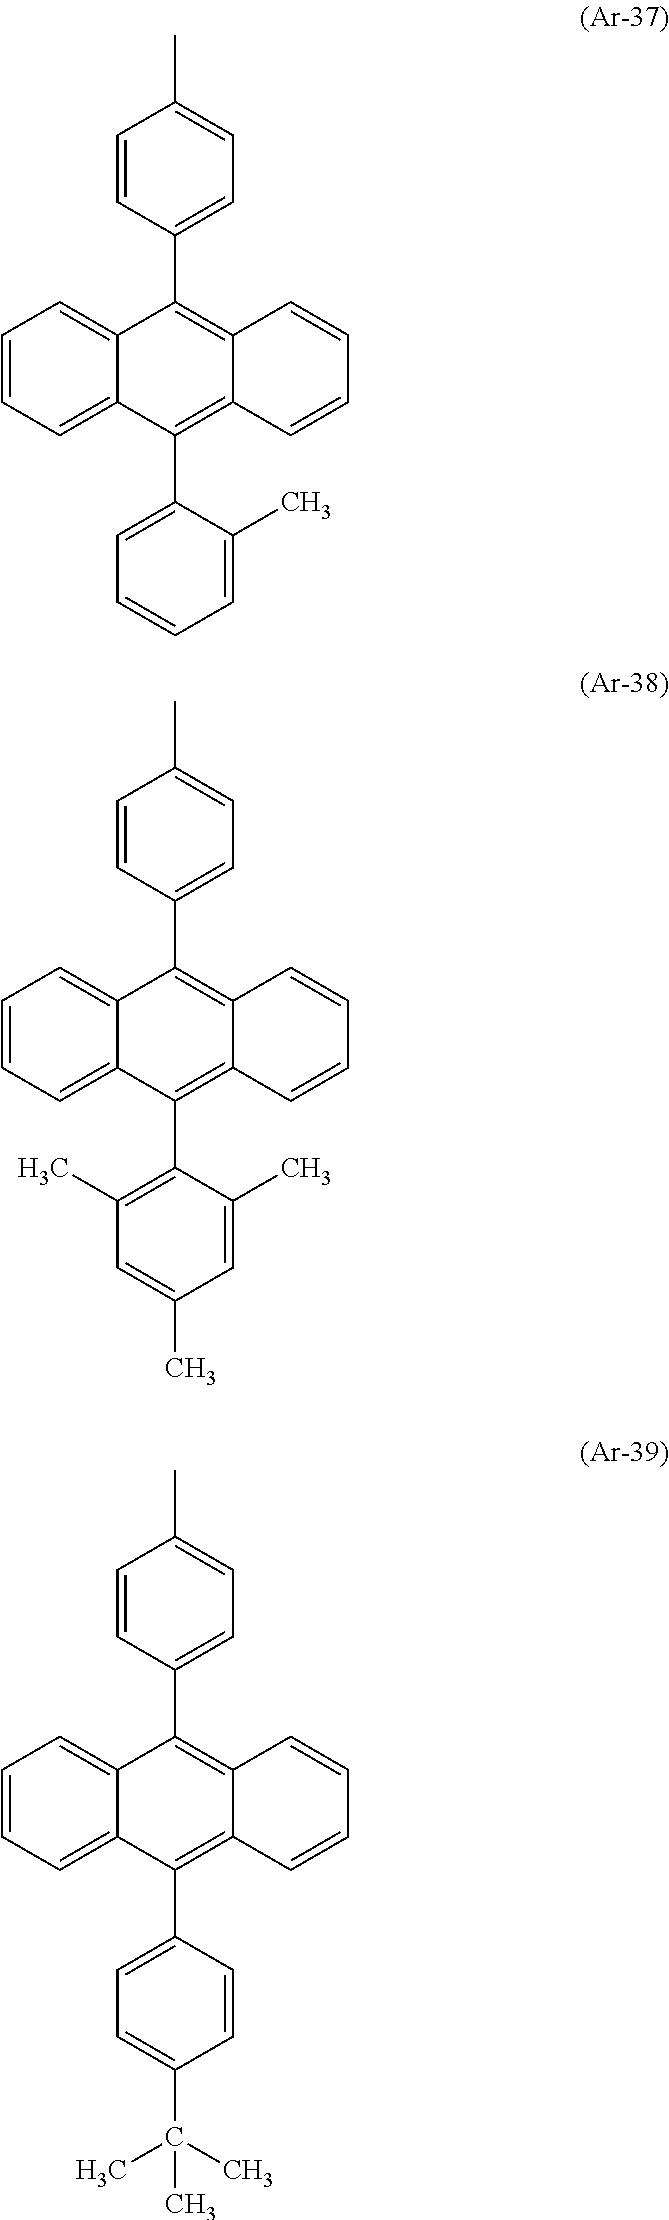 Figure US09240558-20160119-C00025